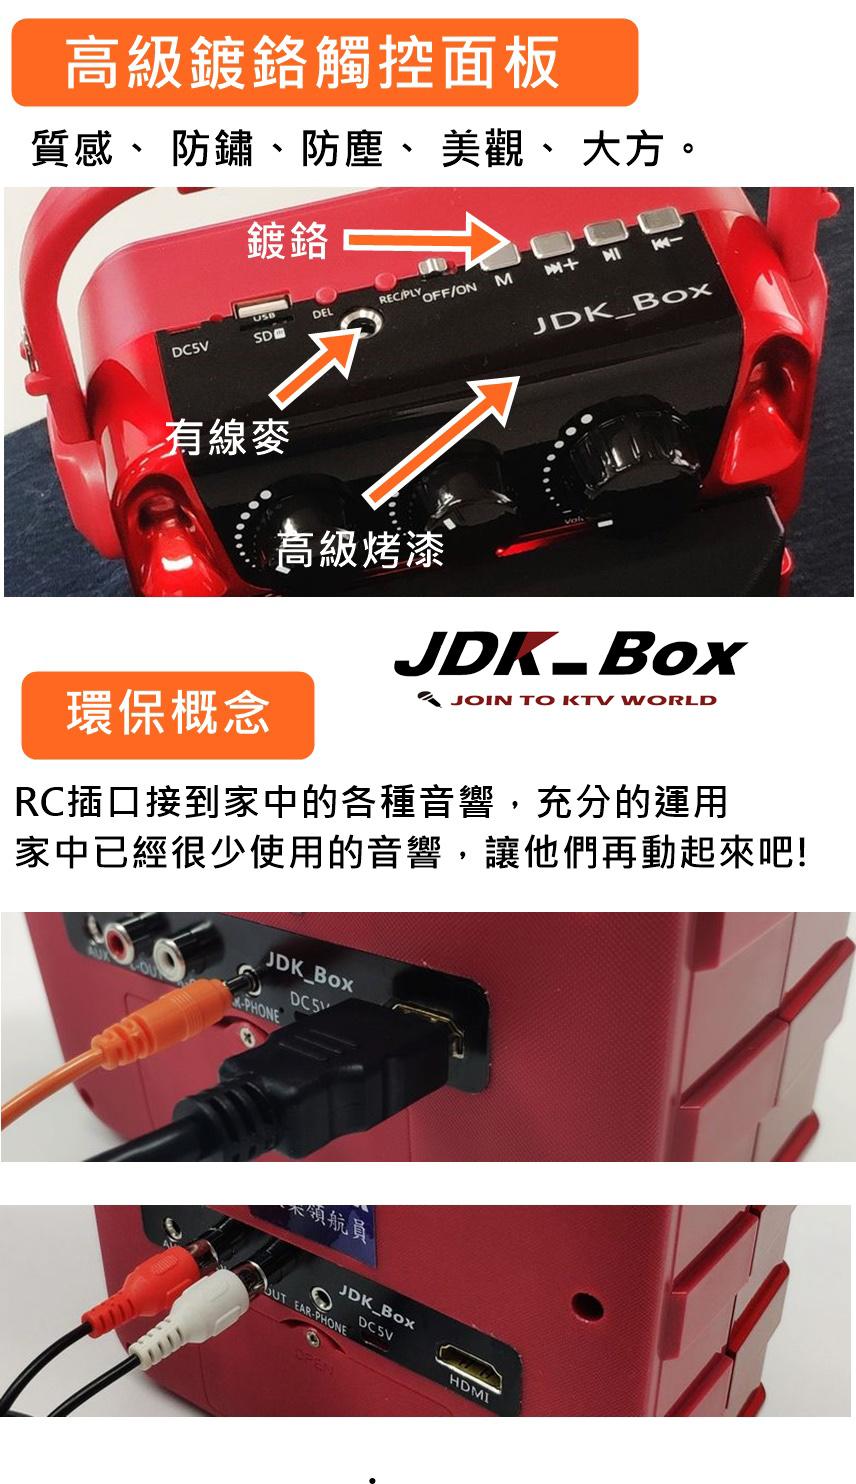 RC插口接到家中的各種音響,充分的運用家中已經很少使用的音響,讓他們再動起來吧!